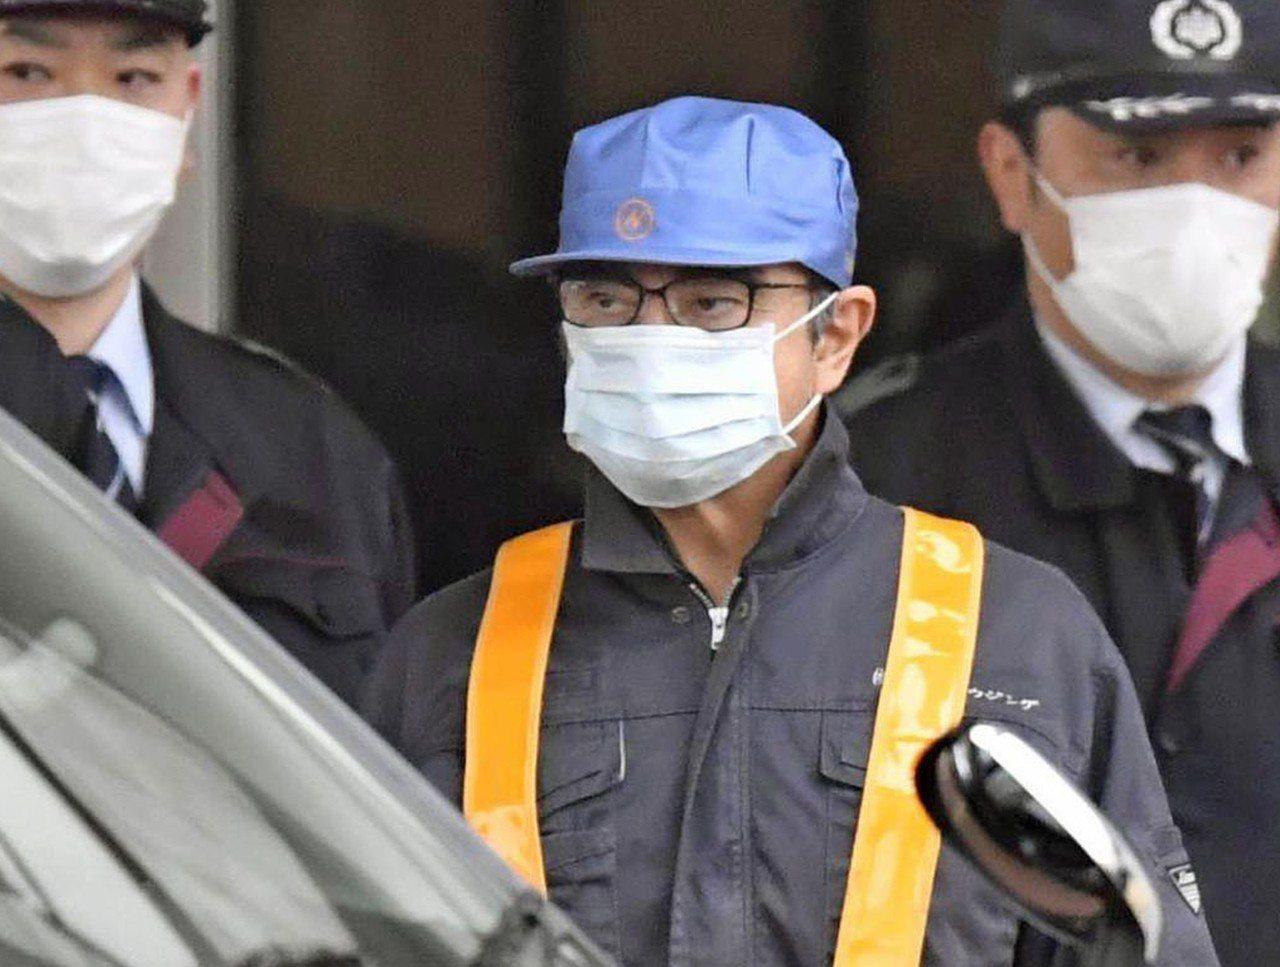 日產前董事長高恩6日獲保當天穿著一身工人裝離開拘留所,卻被日本網友和媒體虧說變裝...